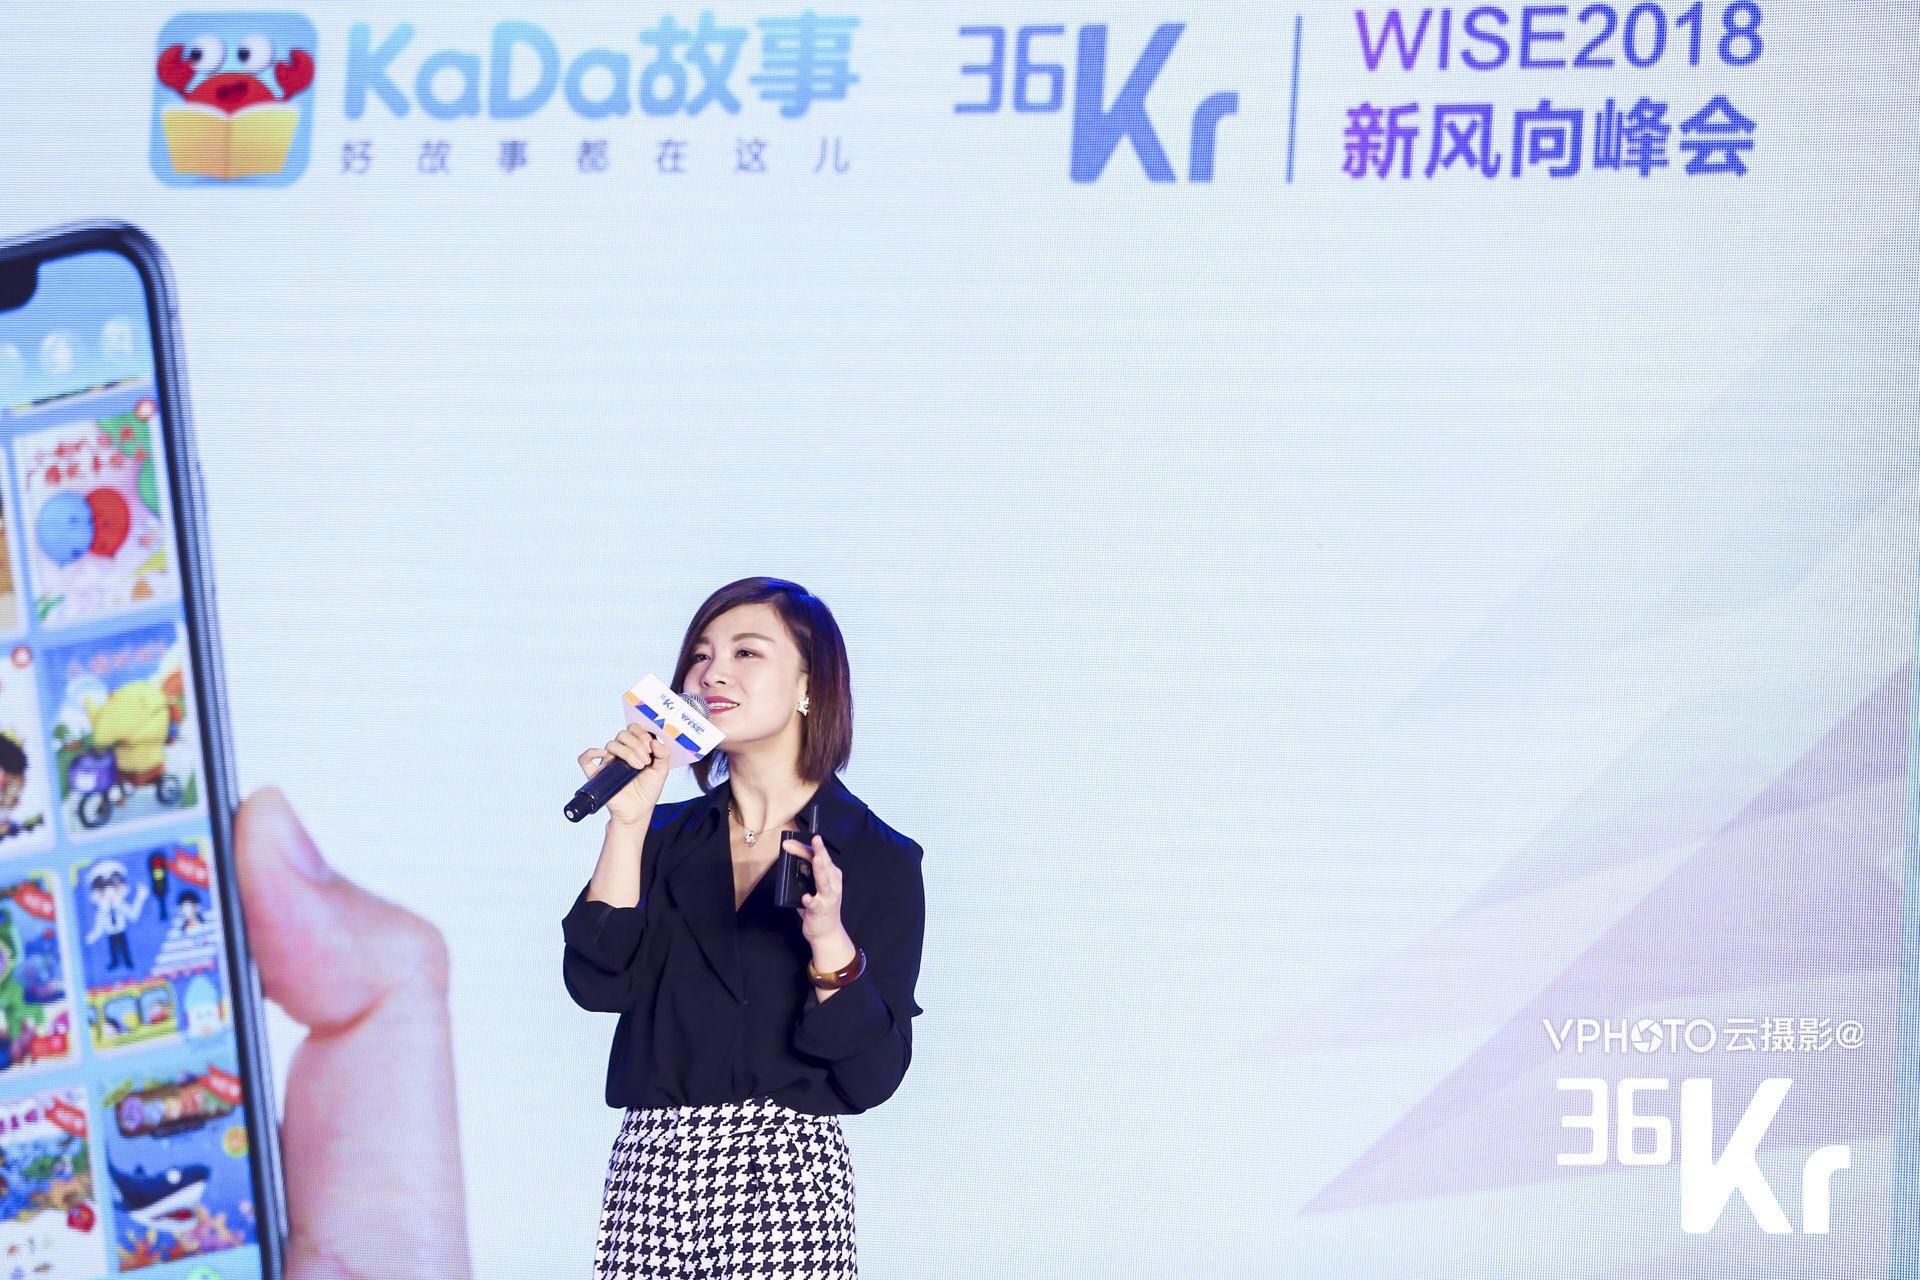 KaDa故事荣膺36氪新经济王者,大数据引领儿童内容消费升级